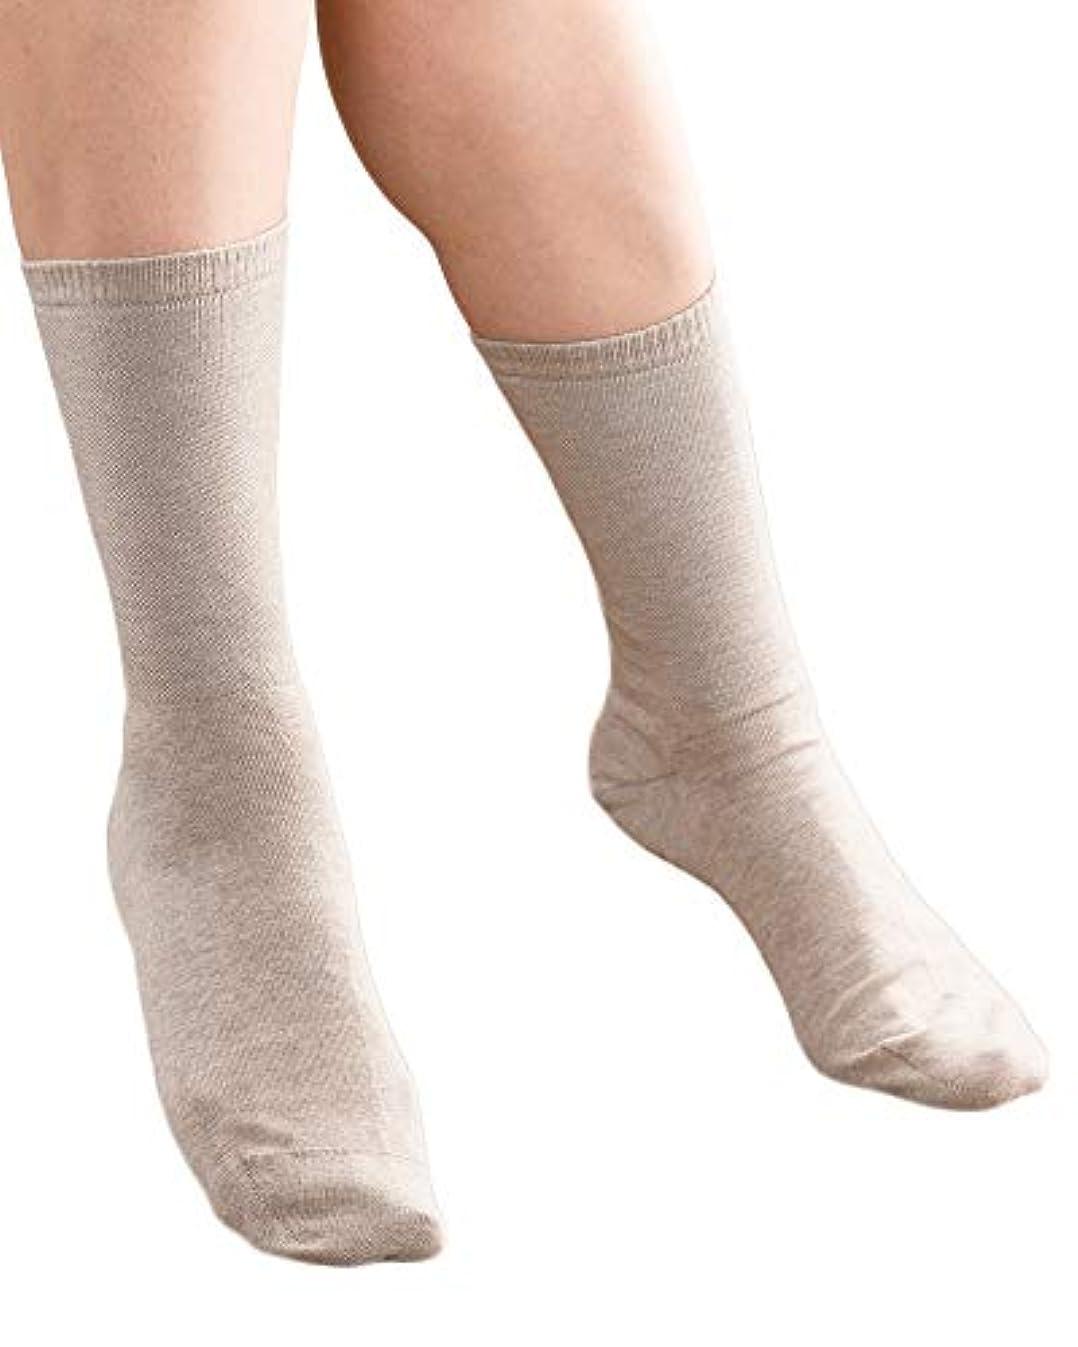 乳製品環境に優しい告白〈ギロファ ナチュラルライン〉しめつけない靴下 (L, ベージュ)